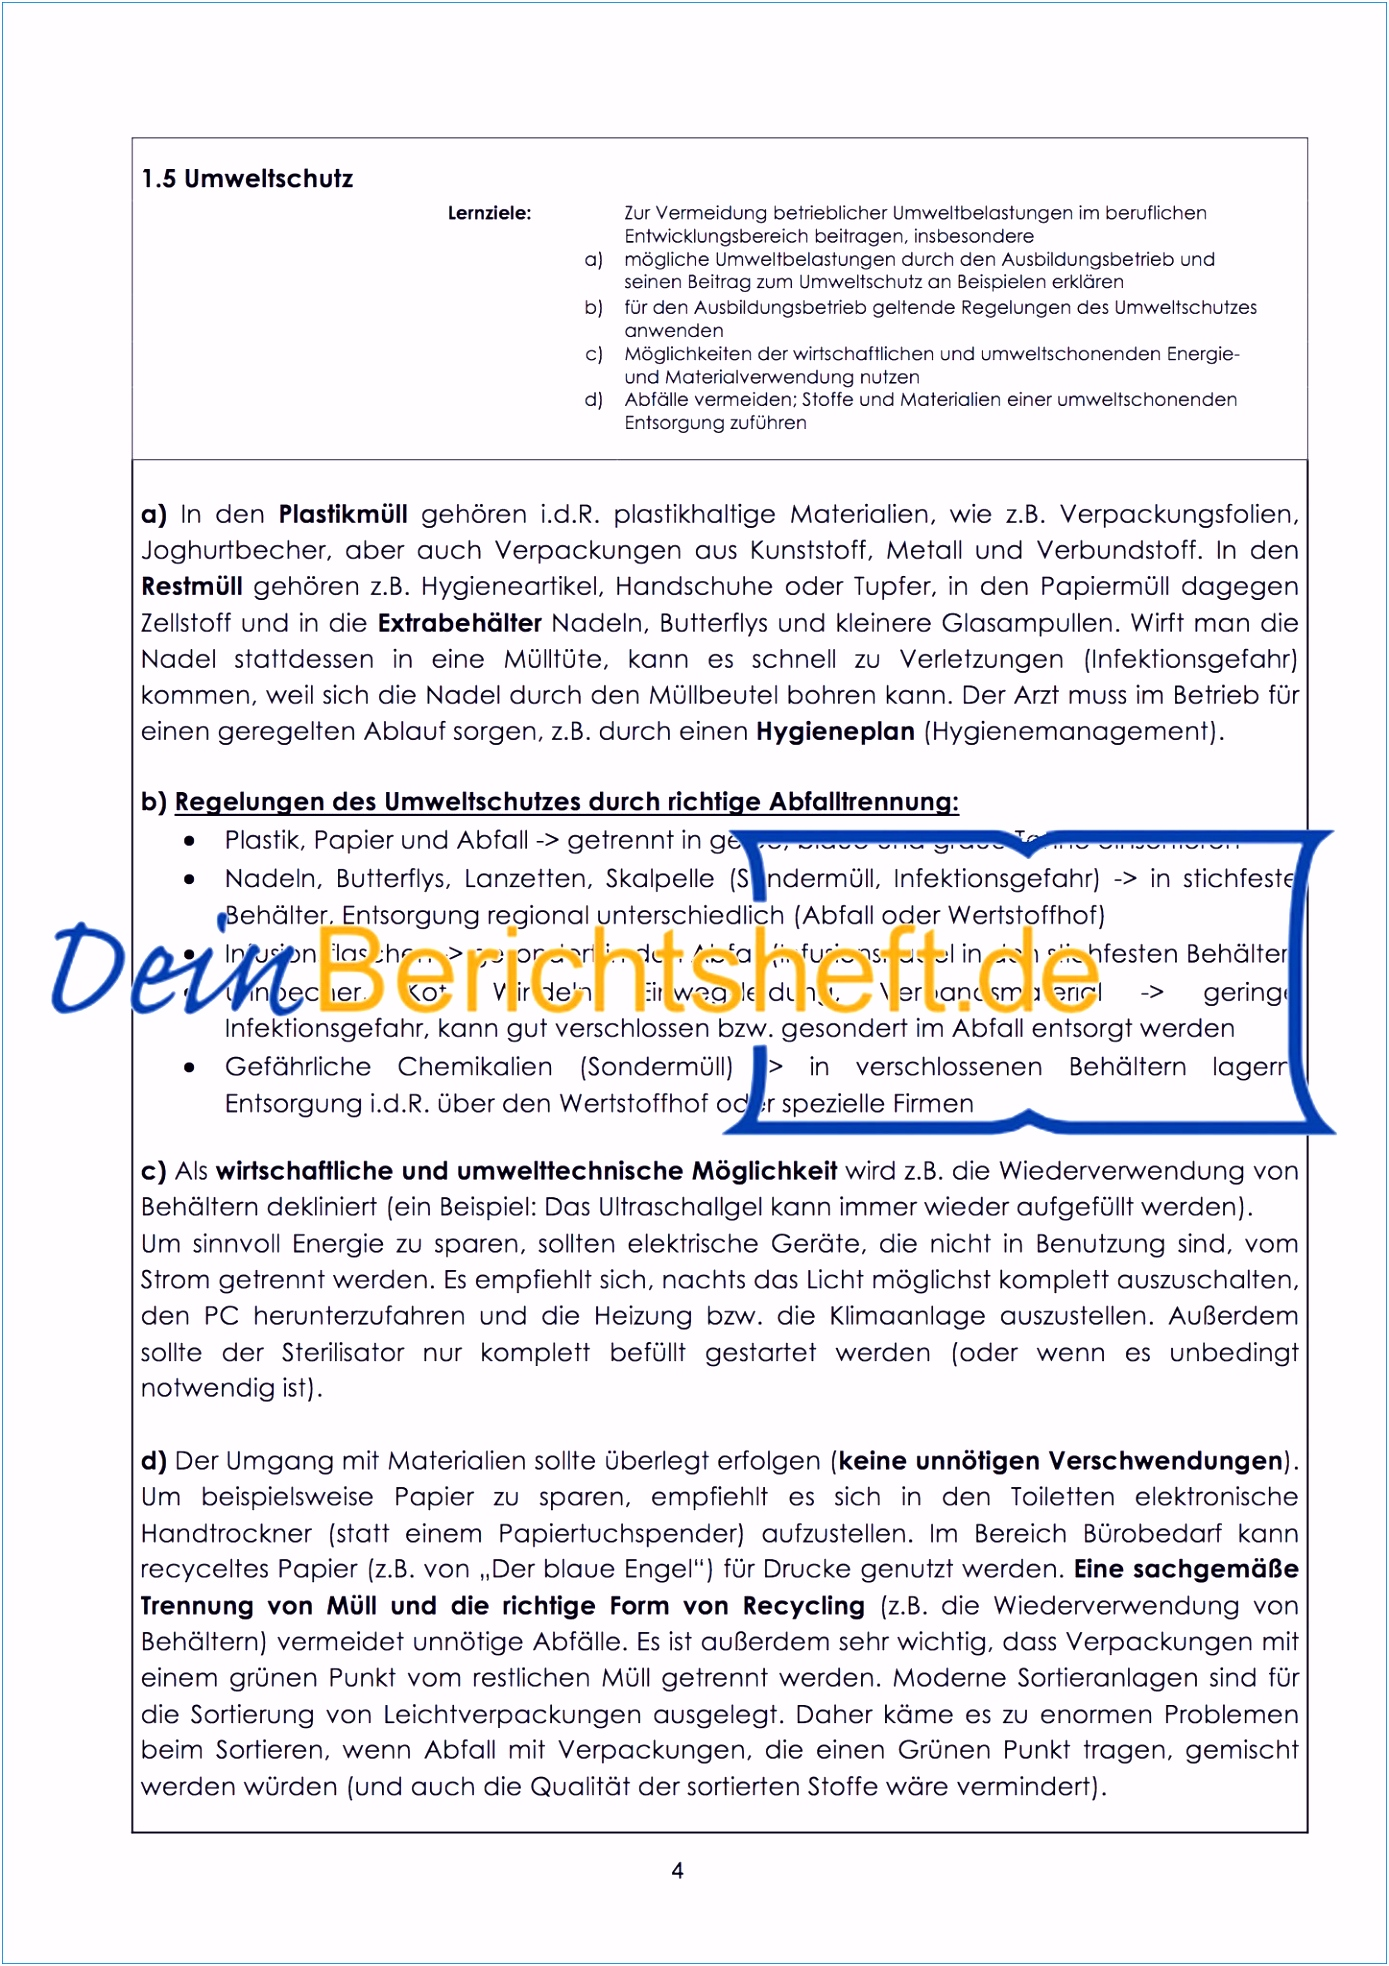 Projektbeschreibung Vorlage Schule Praktikumsbericht Vorlage Schule 9 Klasse Frisch 40 Genial K7de76eno3 Cher22jfch